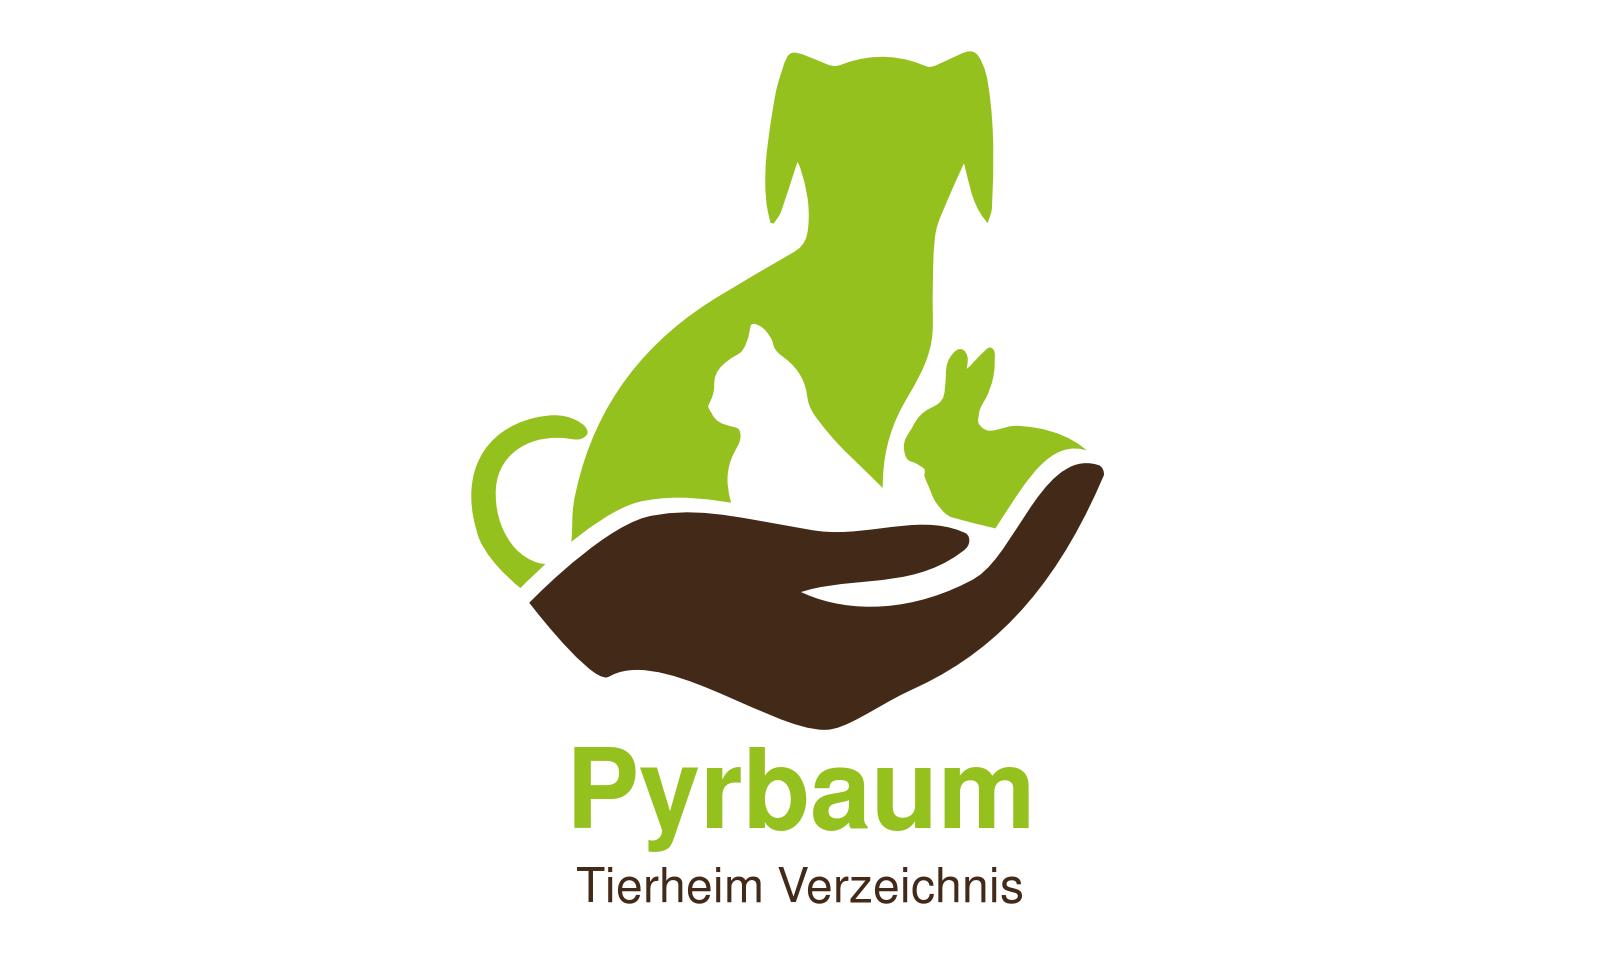 Tierheim Pyrbaum